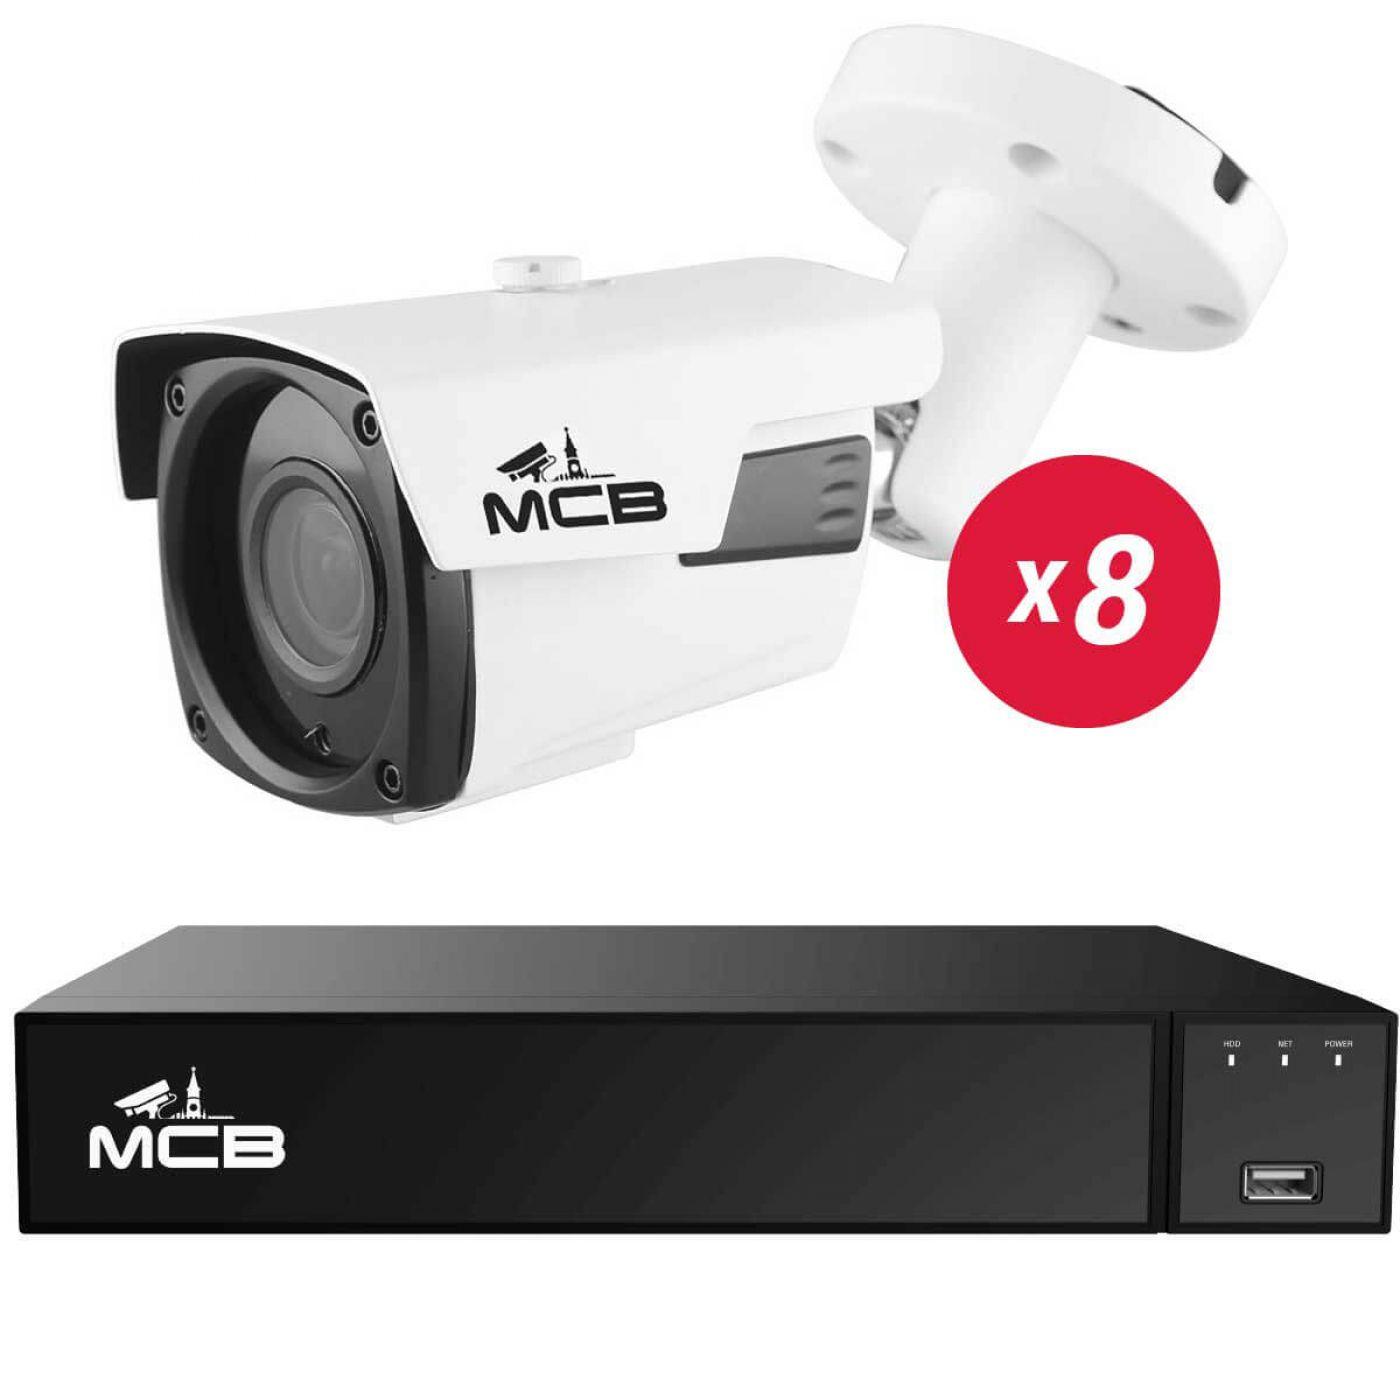 Комплект видеонаблюдения на 8 камер по 5 Мегапикселей Pro